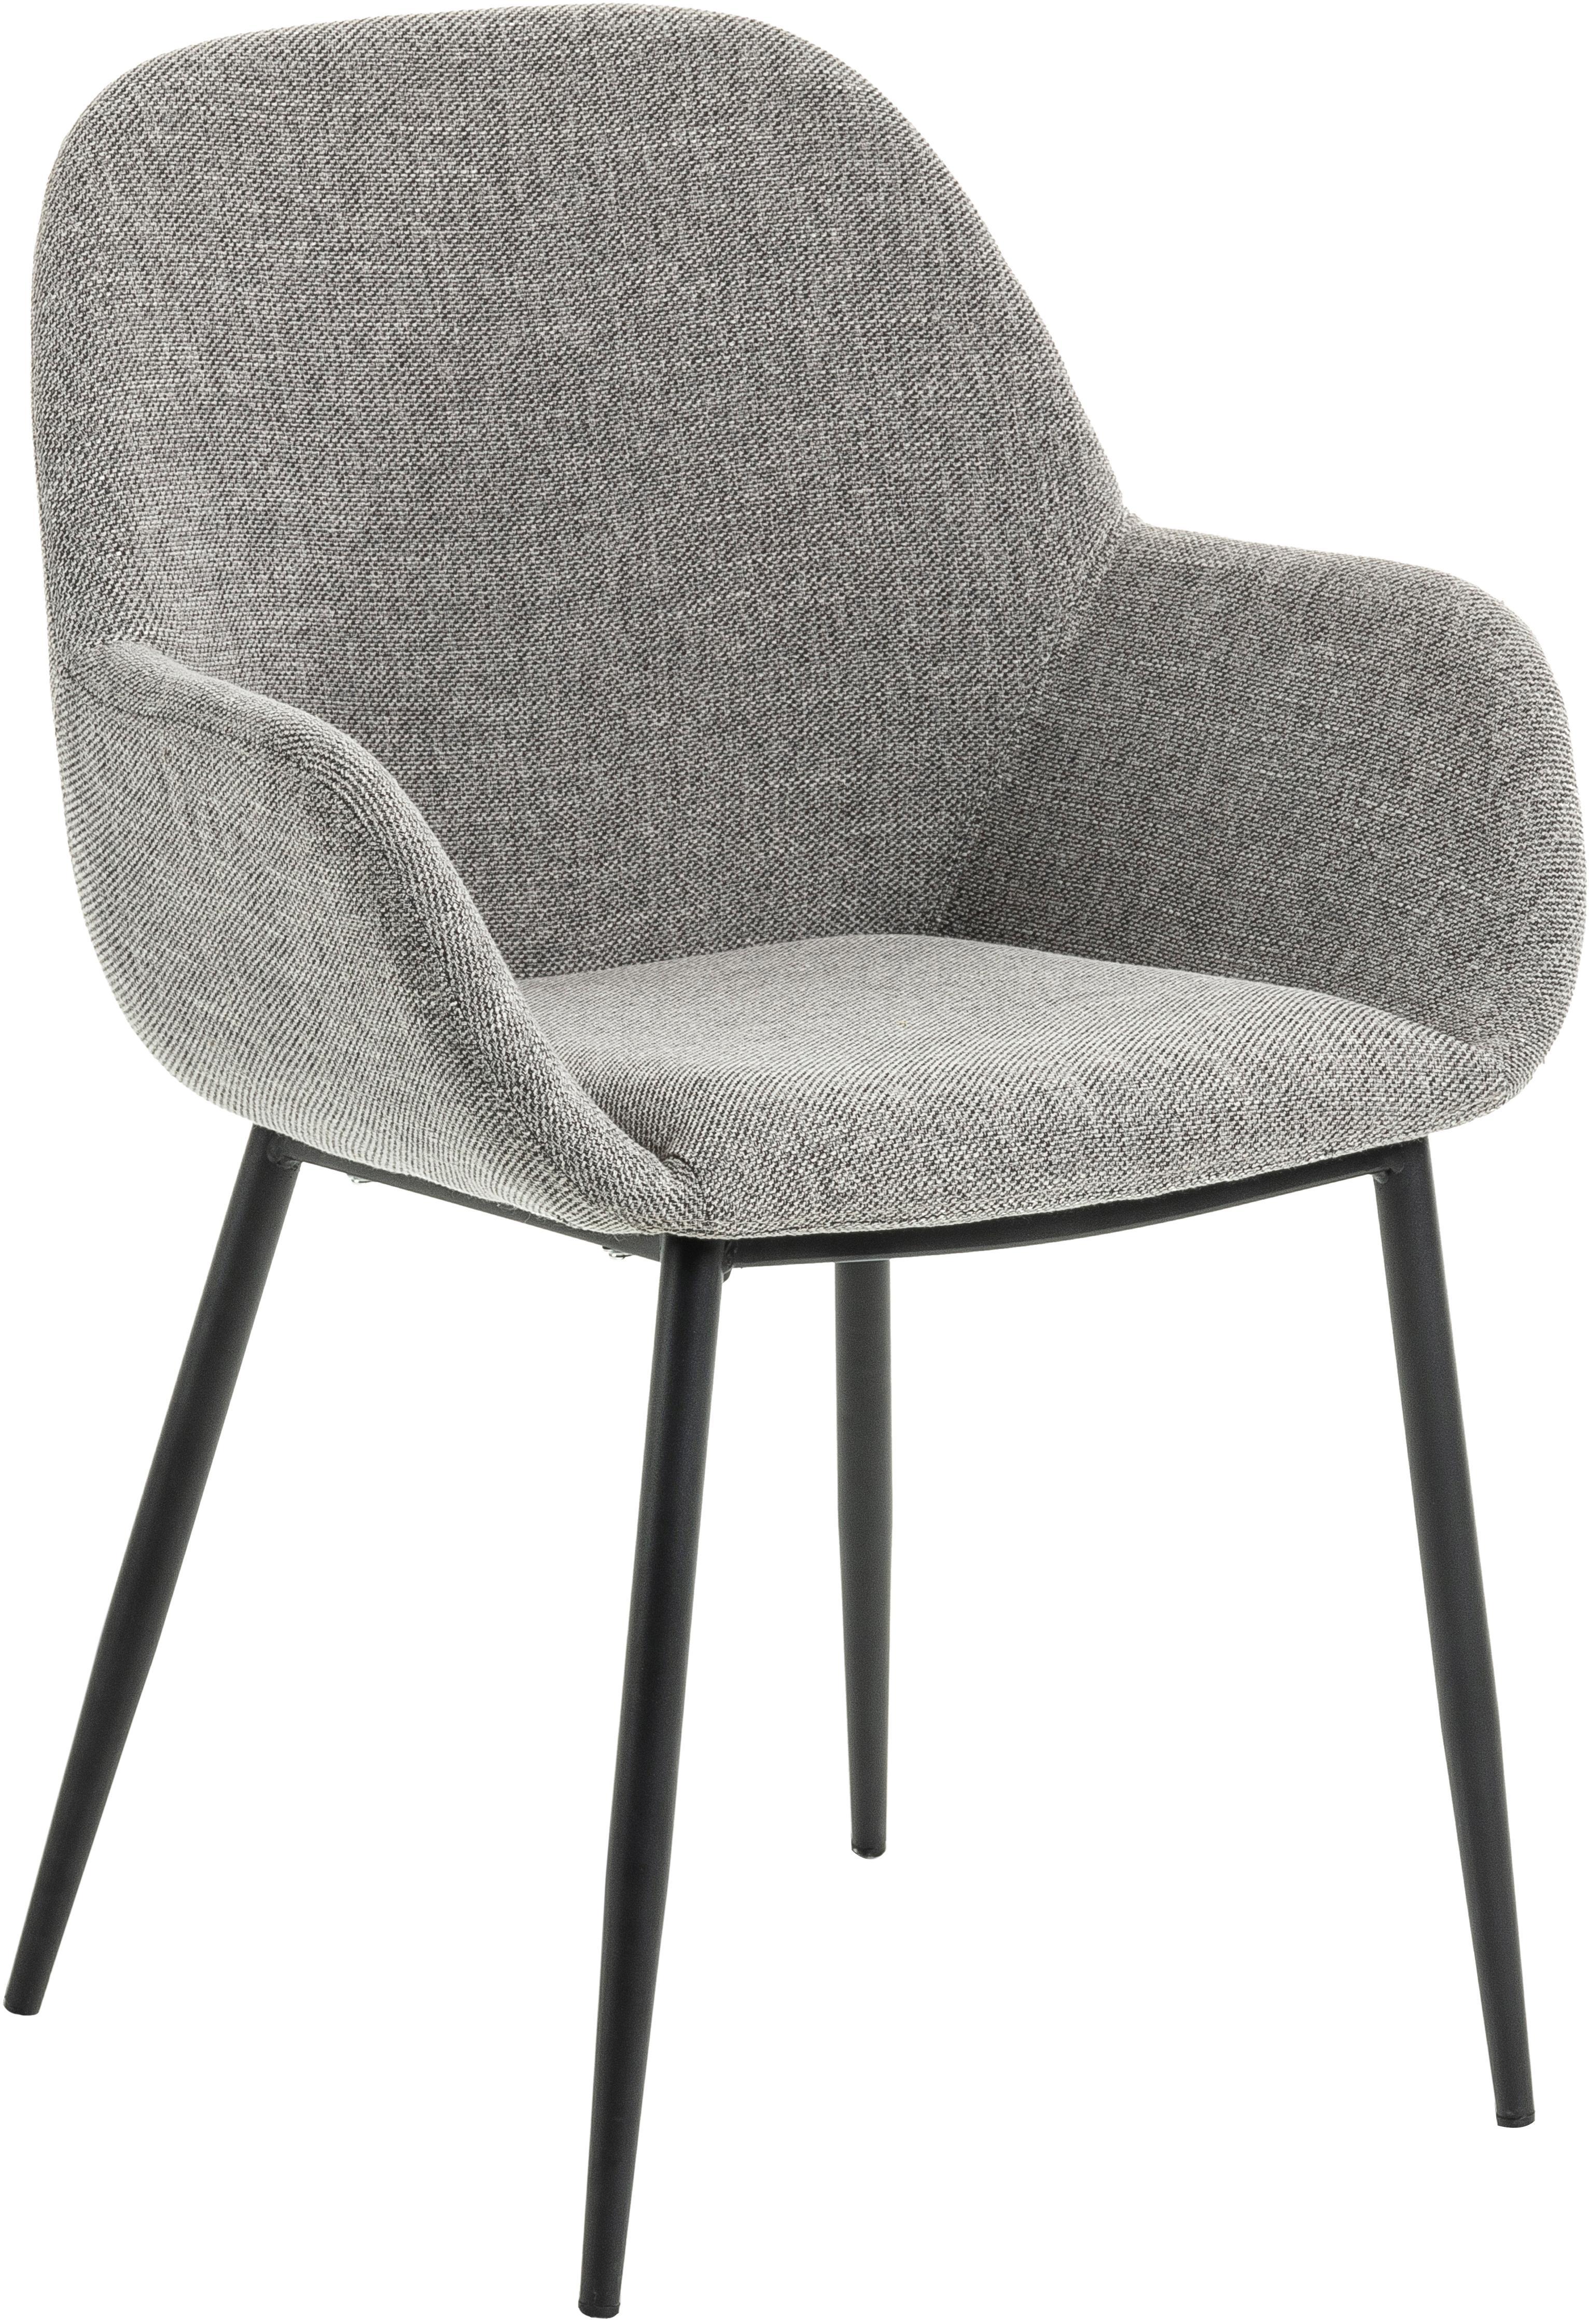 Armlehnstühle Kona, 2 Stück, Bezug: Polyester 50.000 Scheuert, Beine: Metall, lackiert, Webstoff Grau, B 59 x T 56 cm